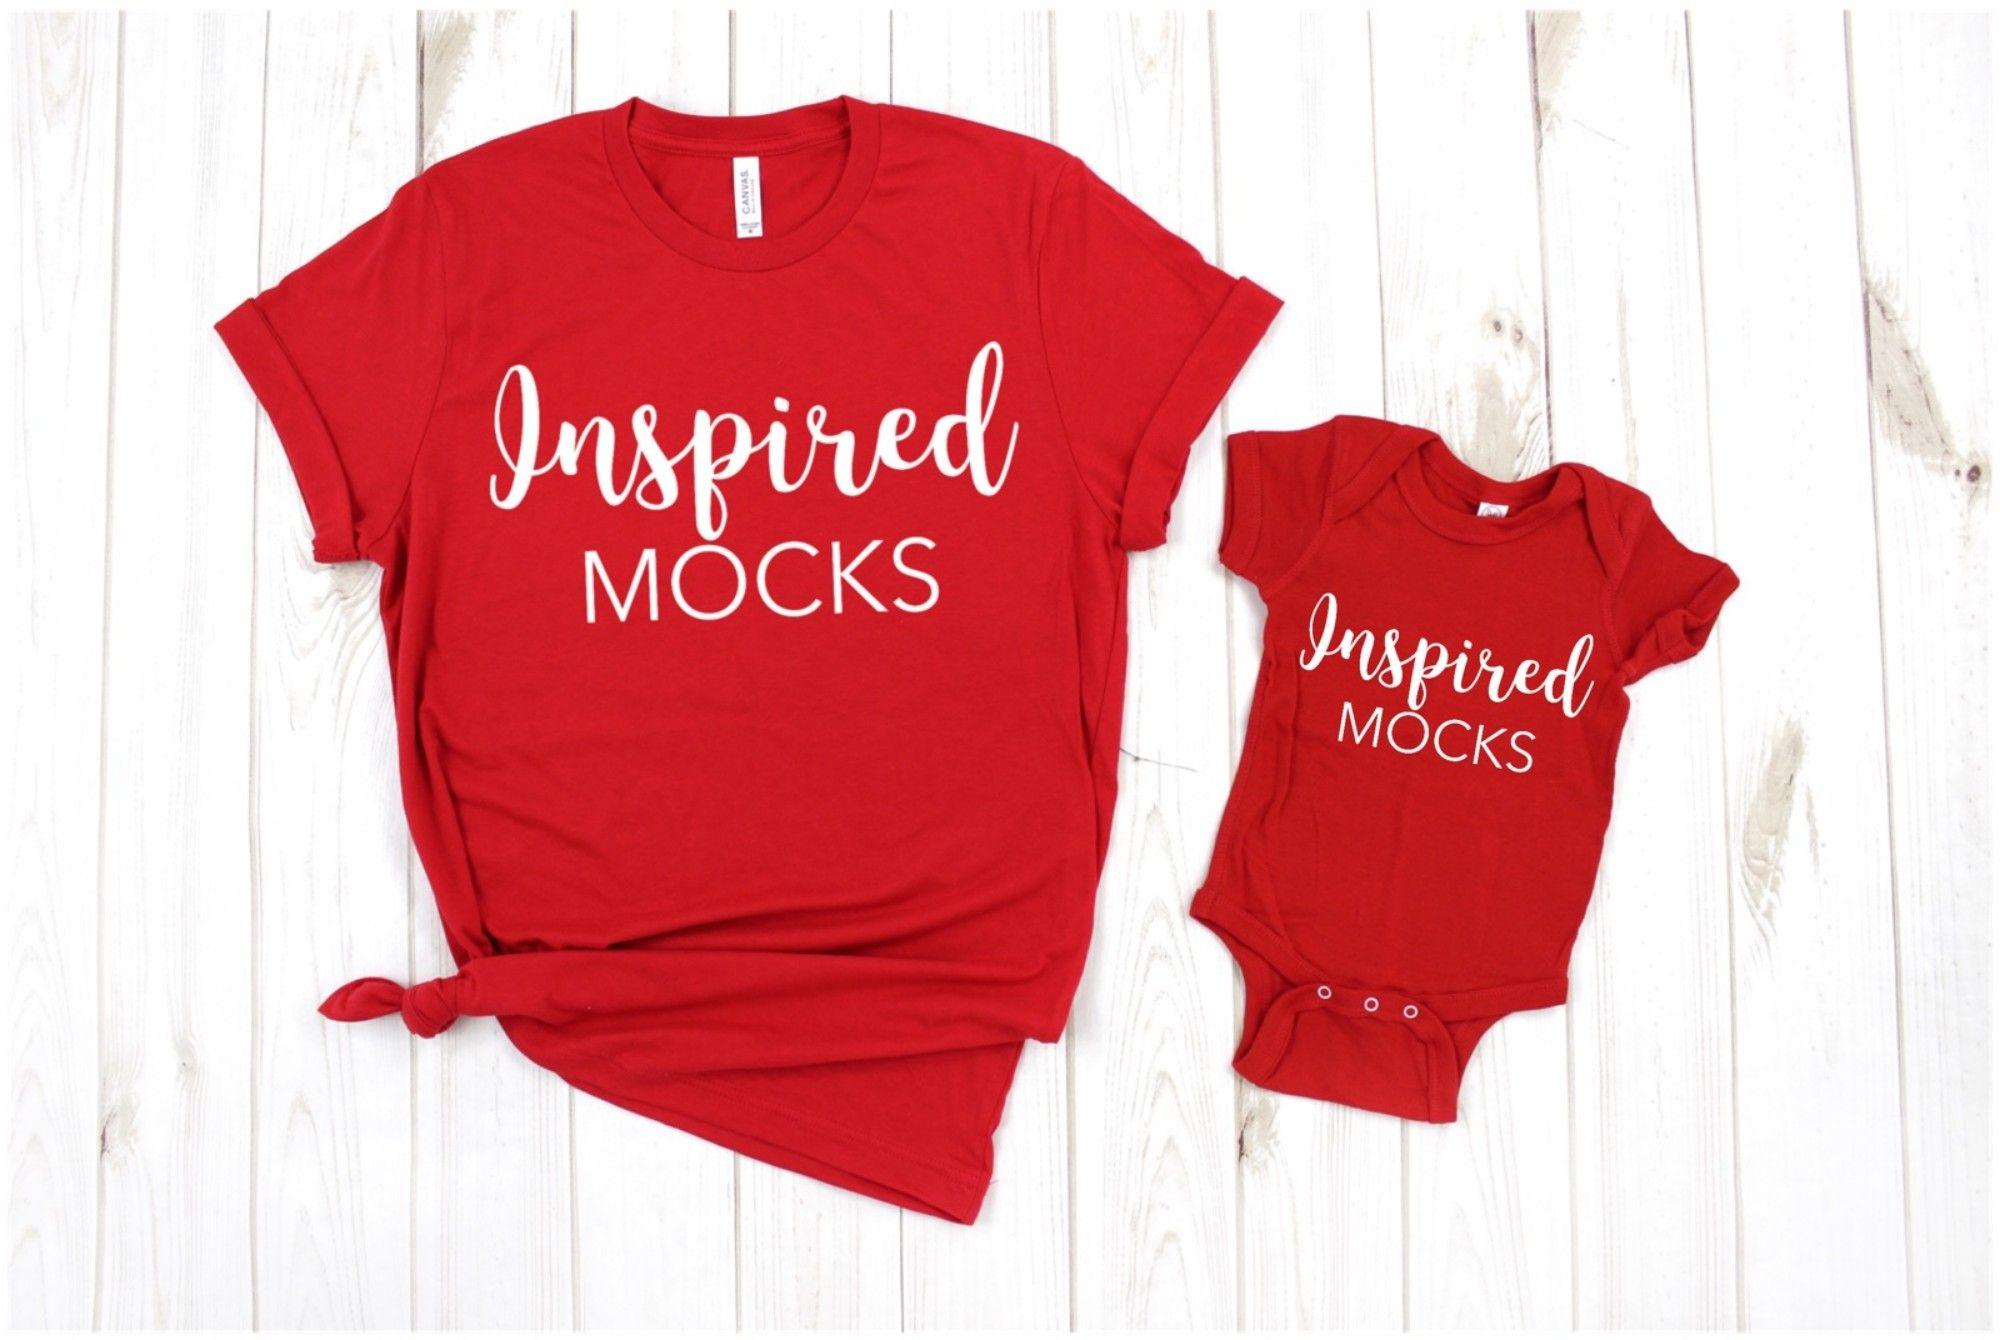 Rabbit Skins 3322 Red Tshirt Mockup Patriotic Shirts Mock Up Flat Lay 4th of July Shirts Mockup Childrens Shirt Mockup Toddler Blank Shirt